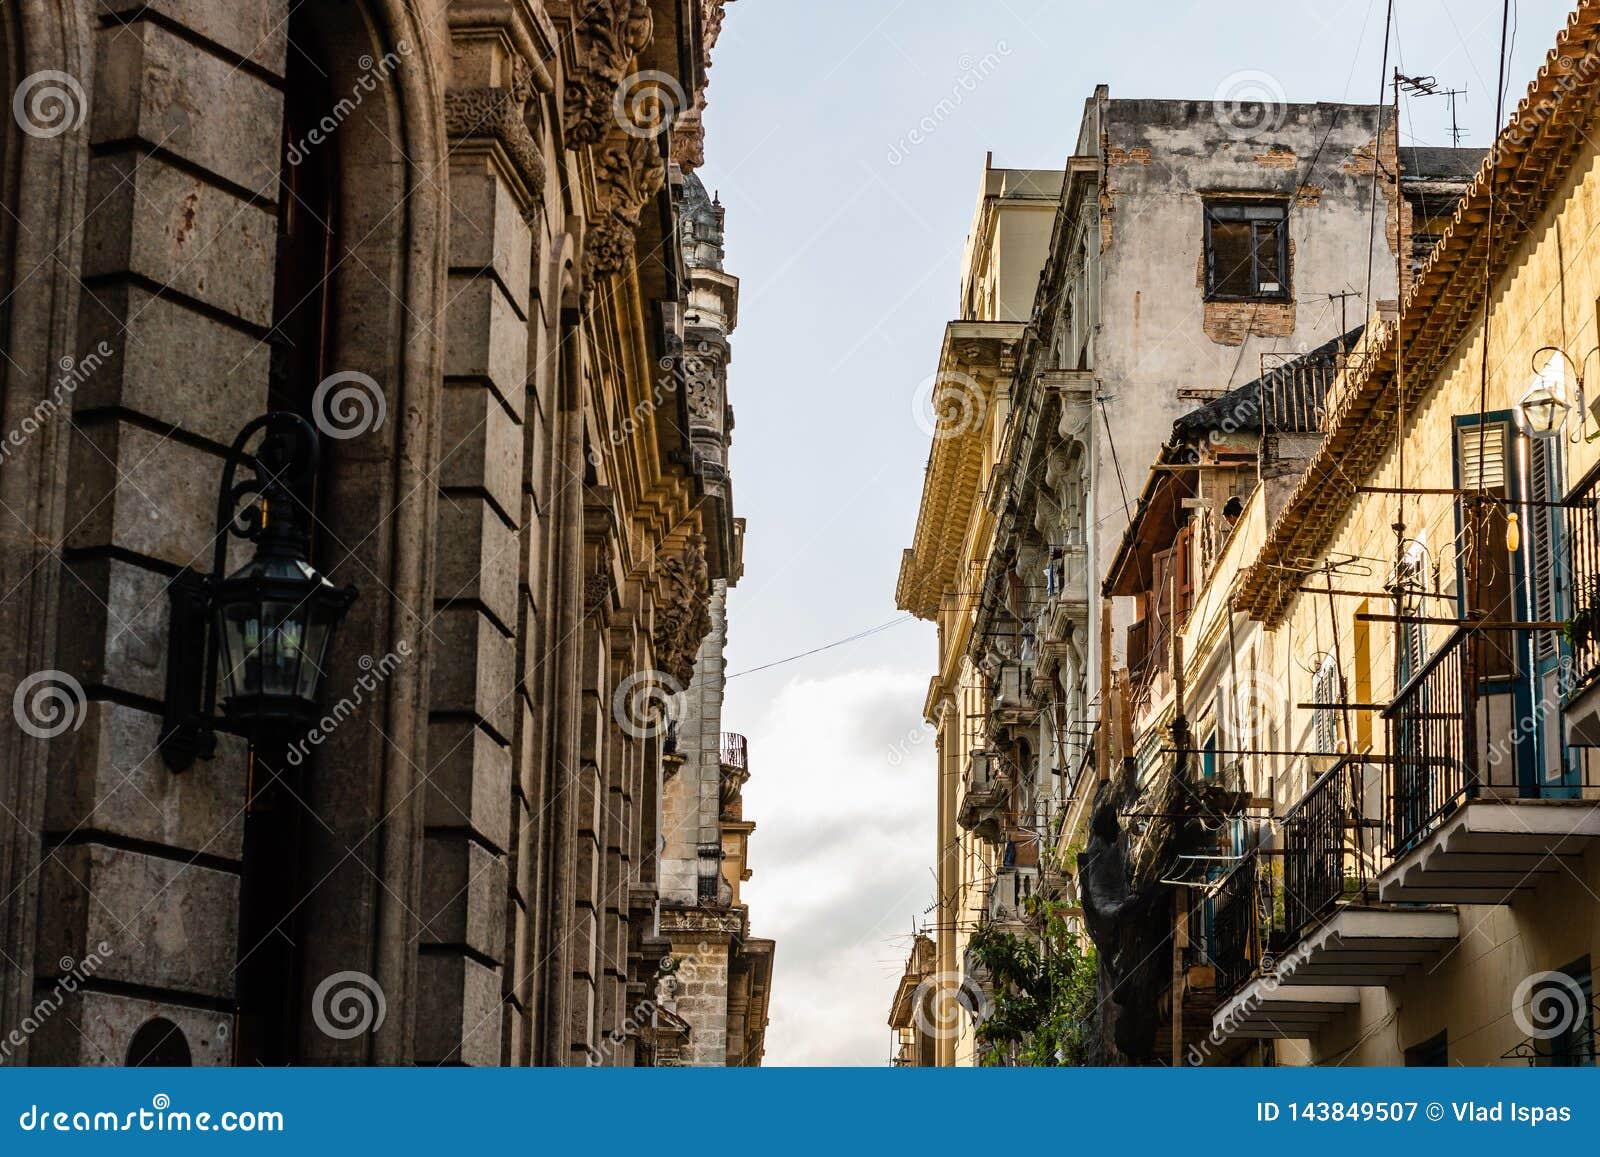 Fassade von alten Kolonialbauten in Havana, Kuba